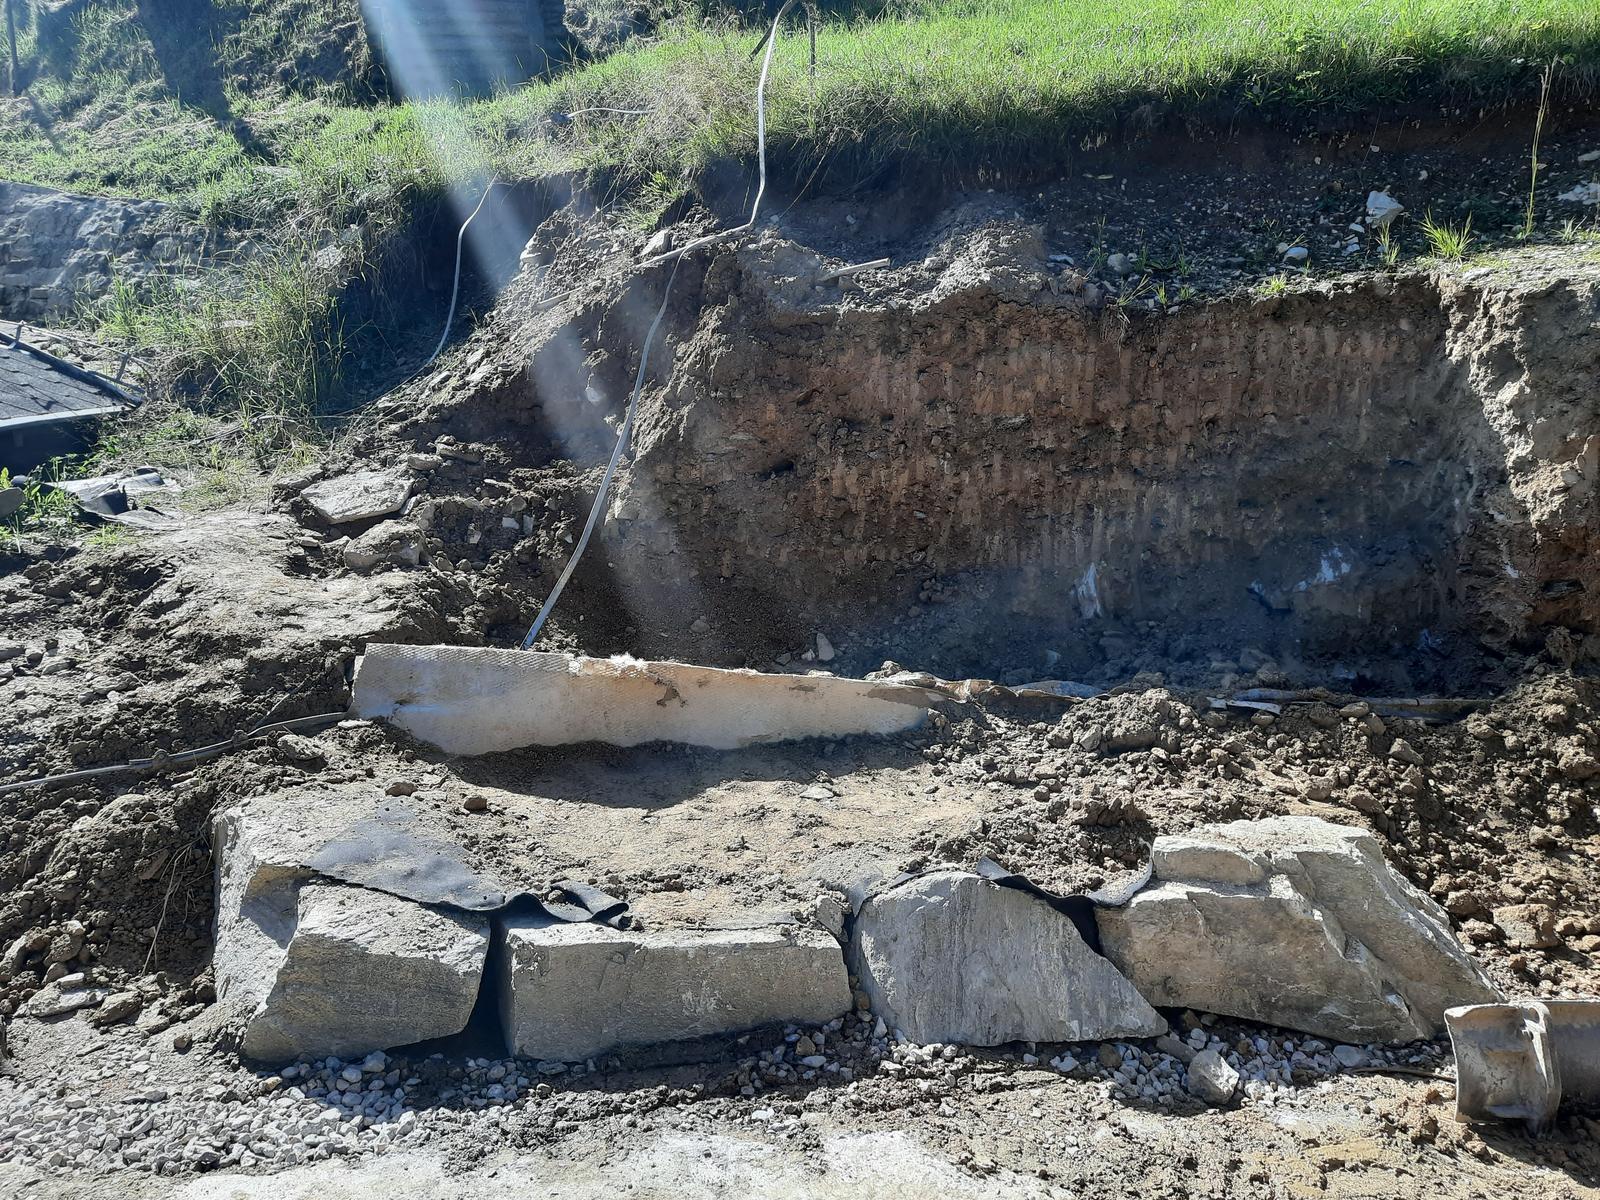 18. Stabilizácia výkopu pre stavbu a spevnenie + rozšírenie príjazdovej cesty. - 09. Založenie 1. vrstvy oporného múru. Vzadu trčí vodorovná drenáž pripravená na pojenie zvislej drenážno-tesniacehoi geokompizity za zásypom, ktorý odvedie všetky zvodnelé vrstvy do hĺbkovej drenáže.